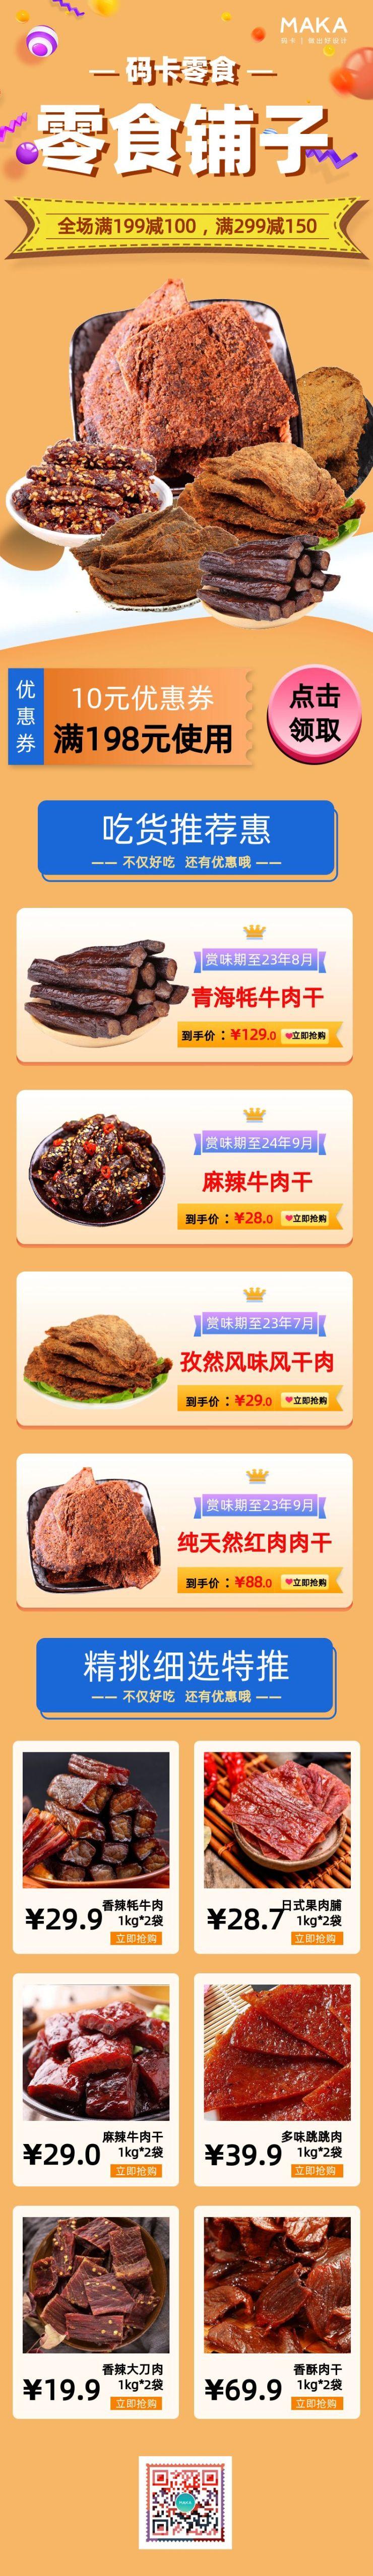 简约风零食店产品促销详情页